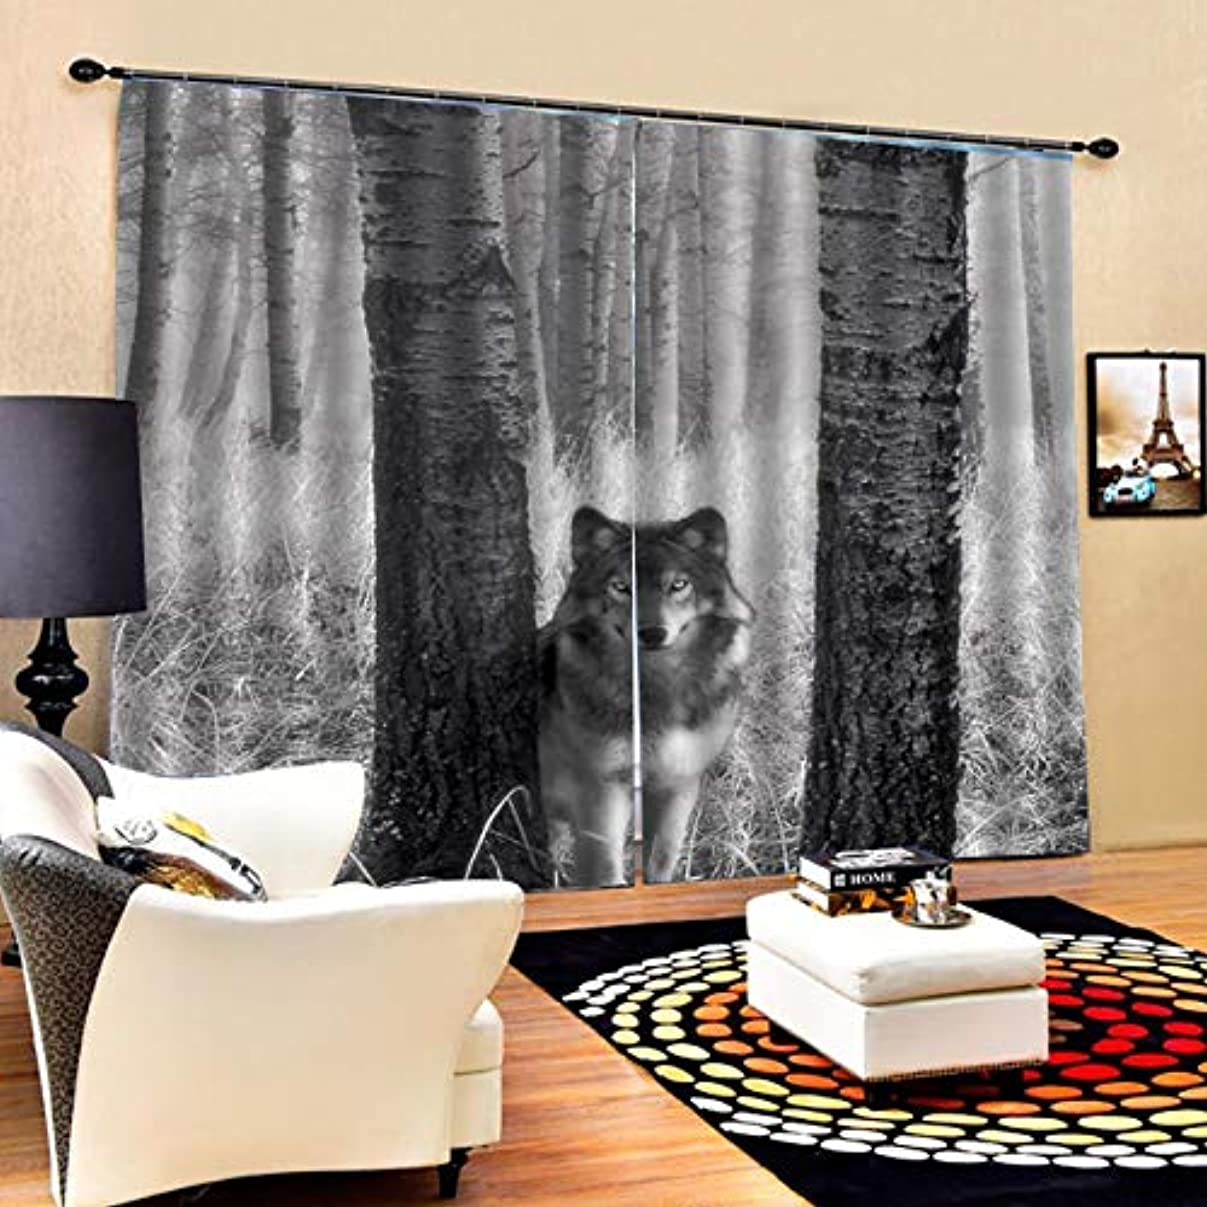 工場日焼けオーラルデジタル印刷3D遮光カーテンリビングルームの寝室のカーテンUVカット窓のシールド装飾(11)(色:多色)